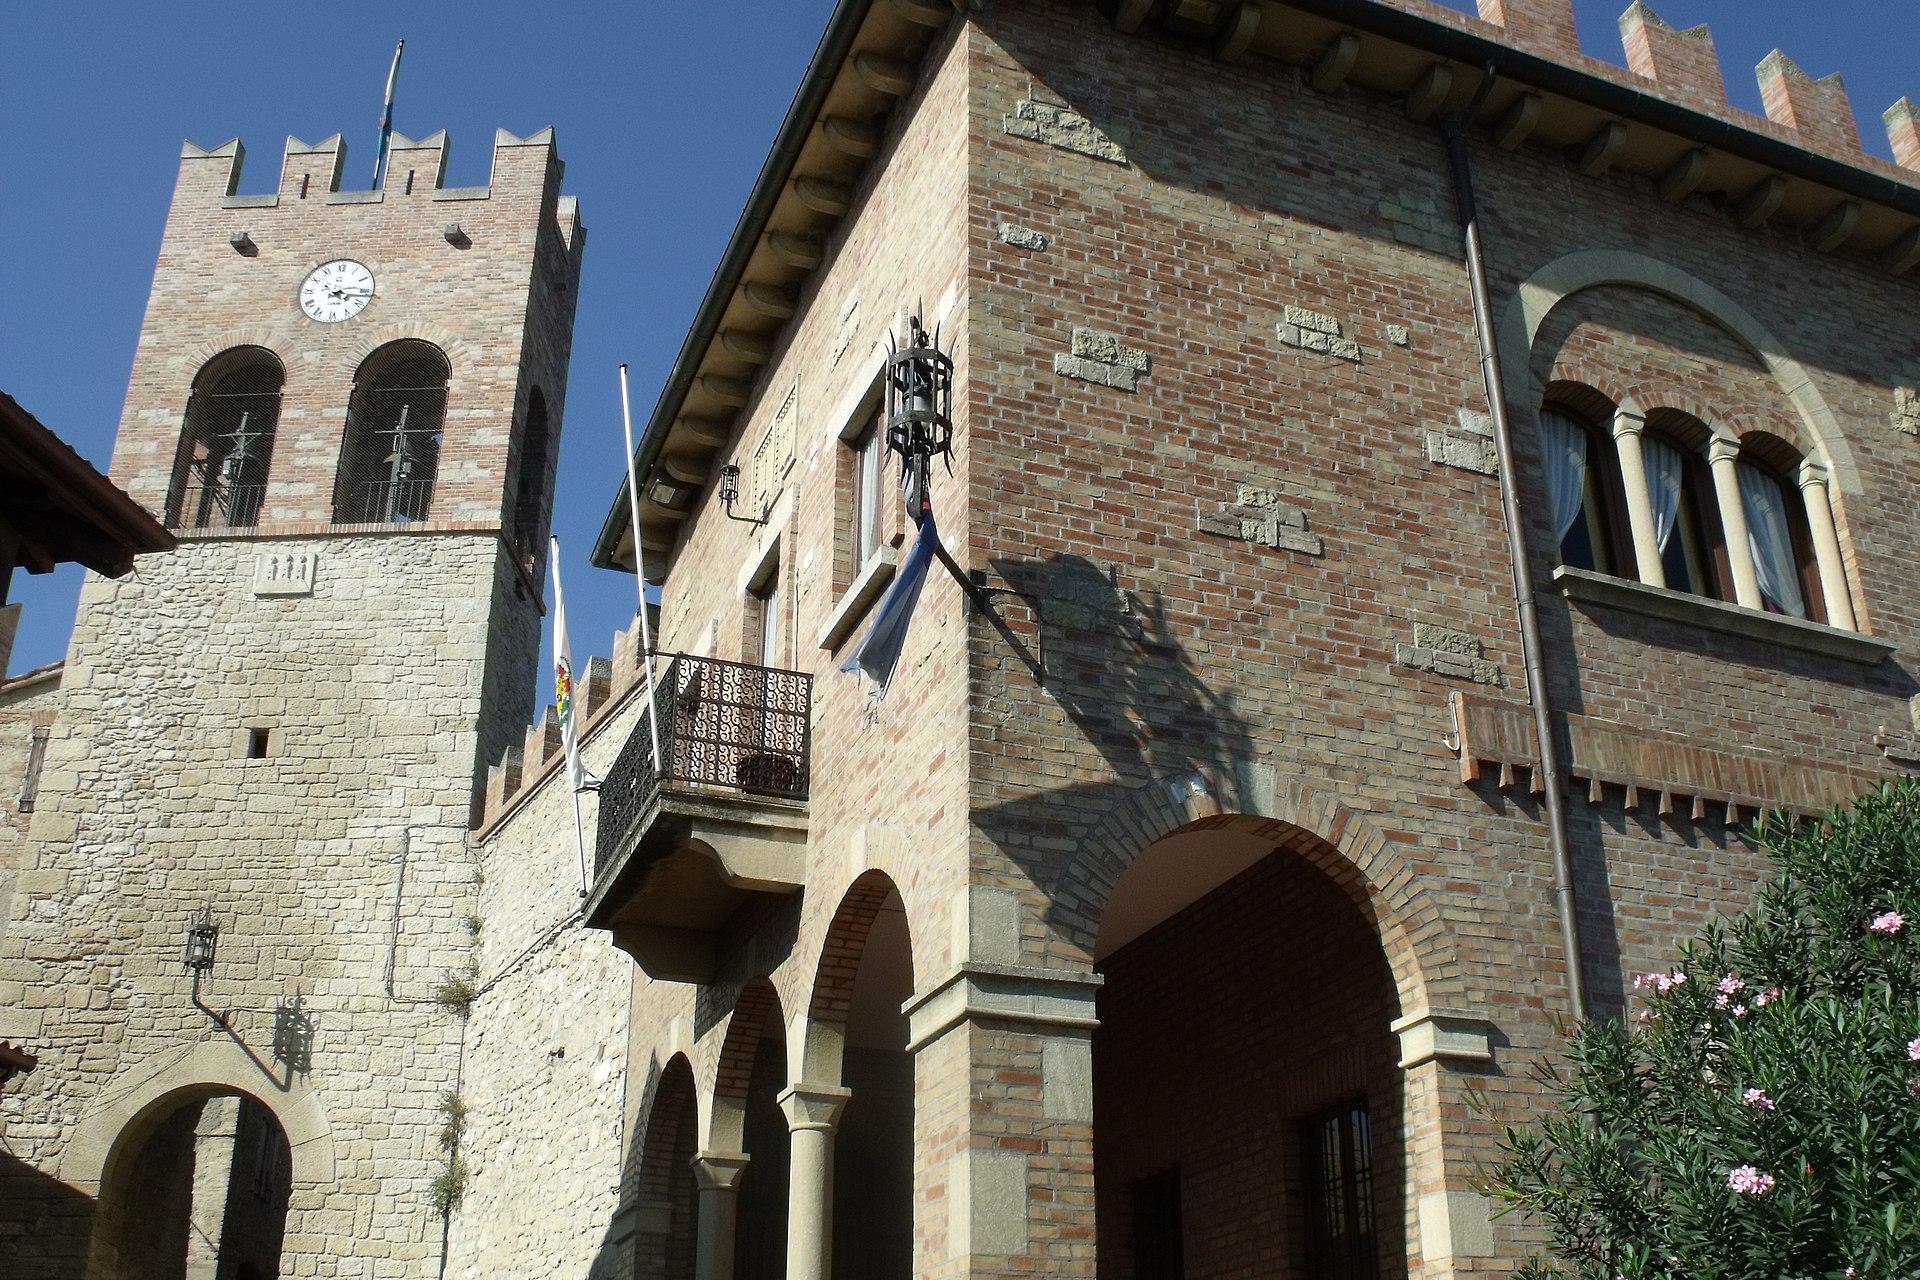 Serravalle san marino wikipedia for Disegni casa castello